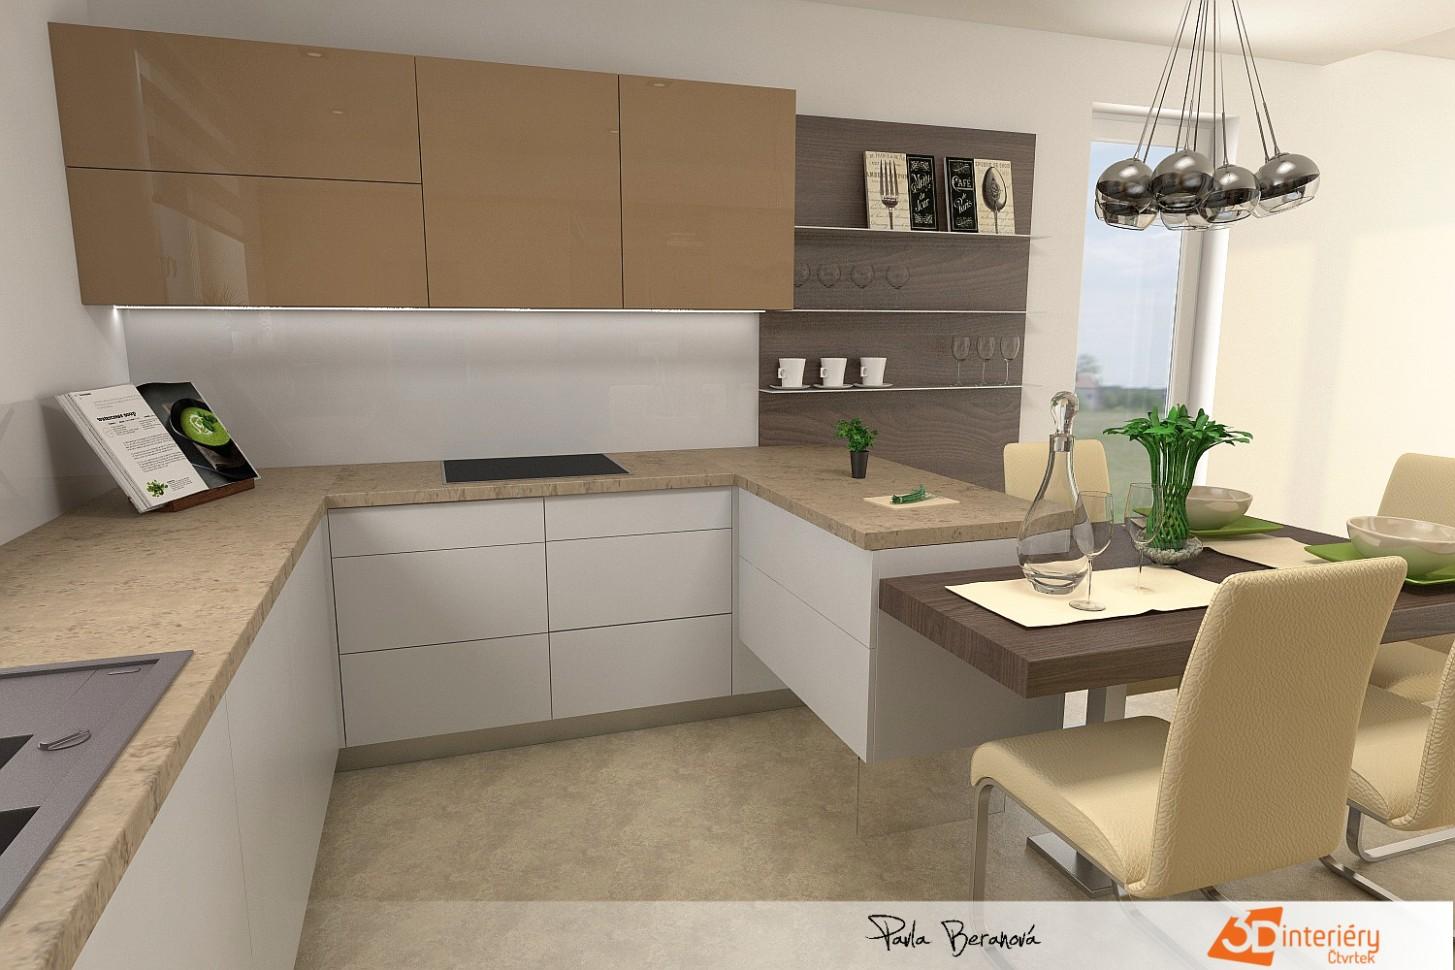 Design kuchyně - návrh - Návrhy interiérů, interierstudio8D.cz